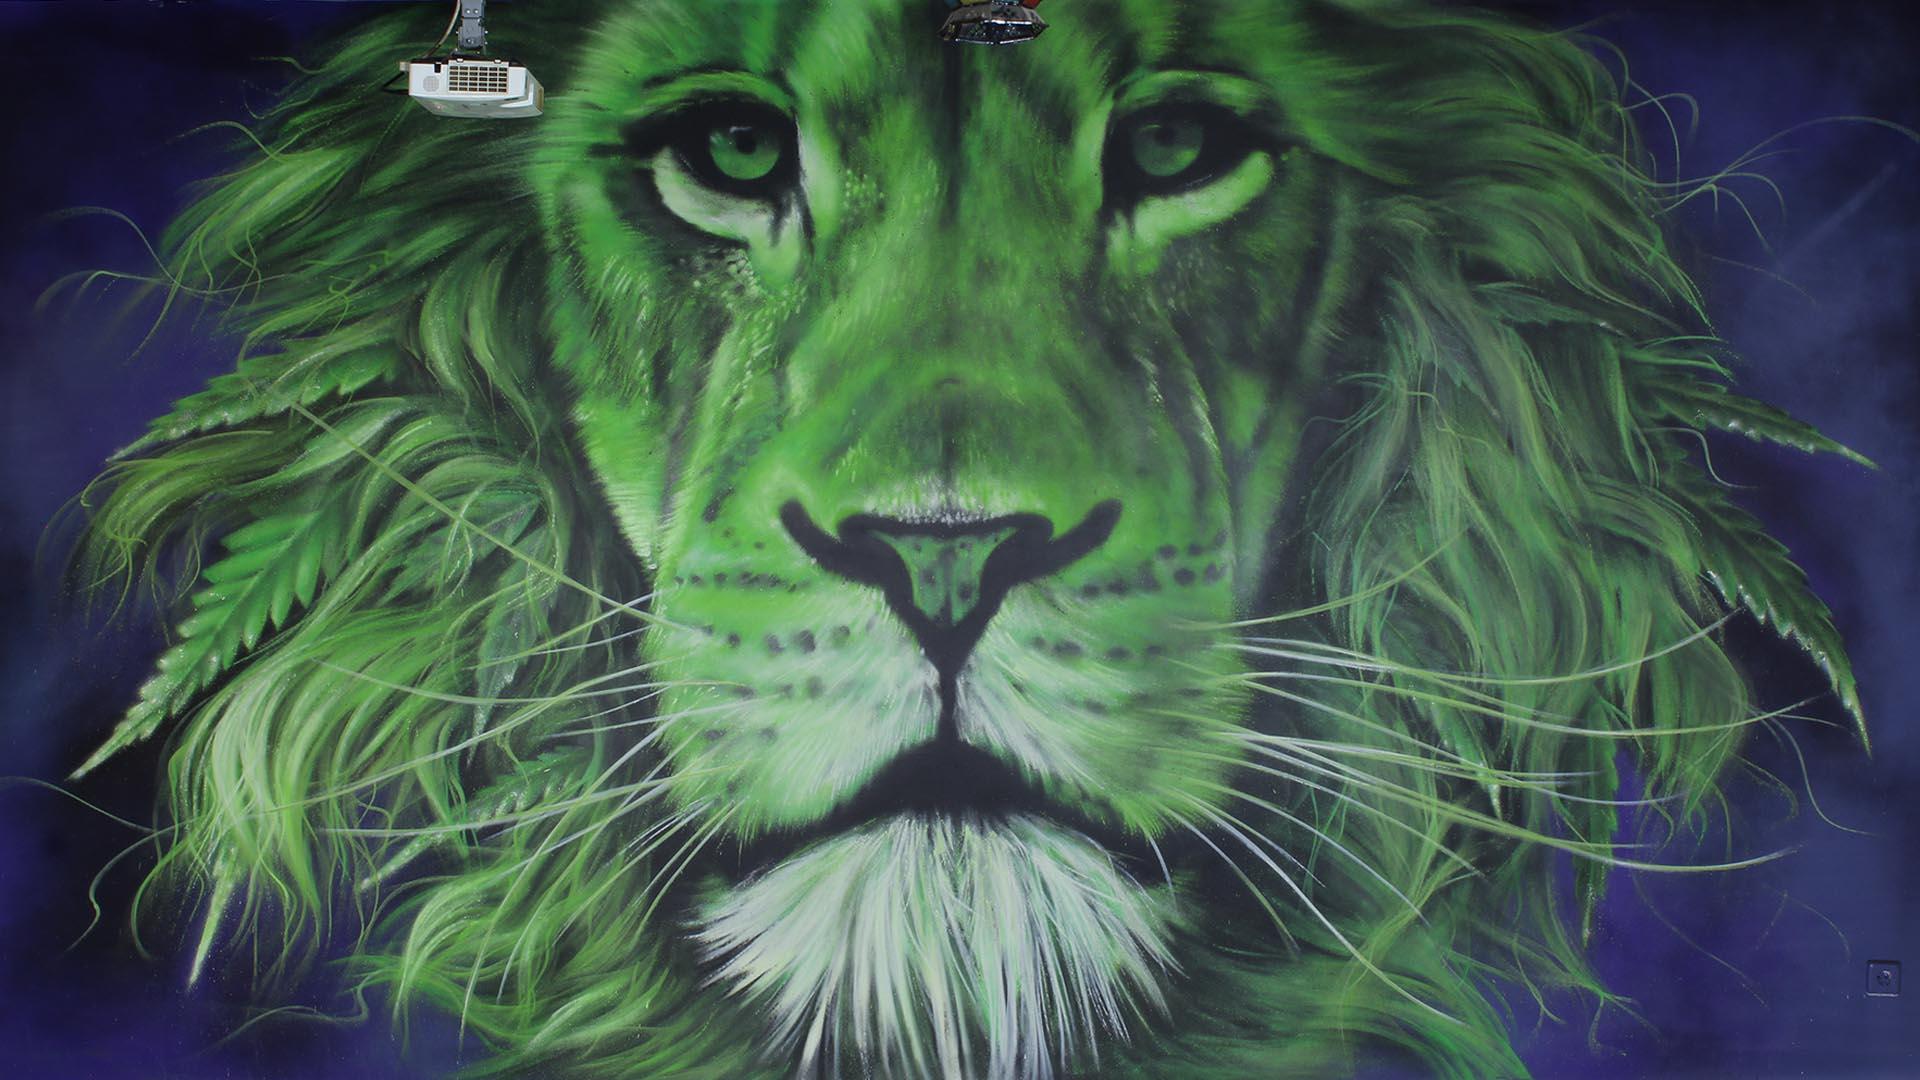 SoenBravo |Pintor de murales especializado en trabajos artísticos de pintura, graffiti y decoración en Madrid